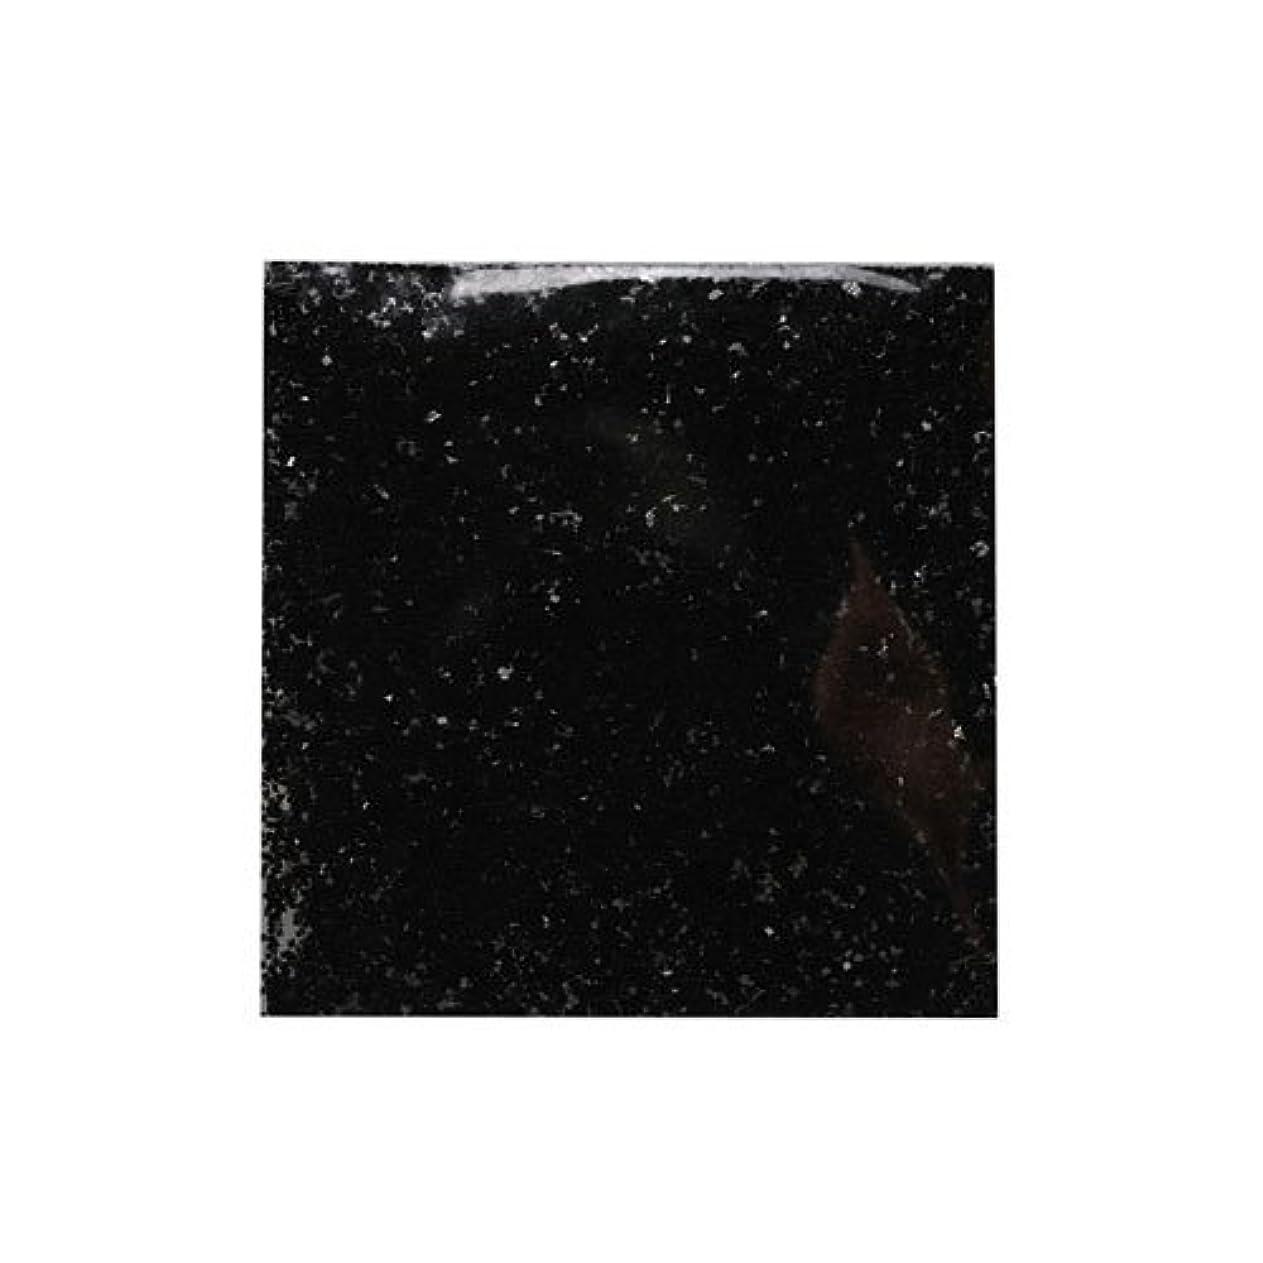 エクステント呪いバイソンピカエース ネイル用パウダー ラメメタリック M #537 ブラック 2g アート材